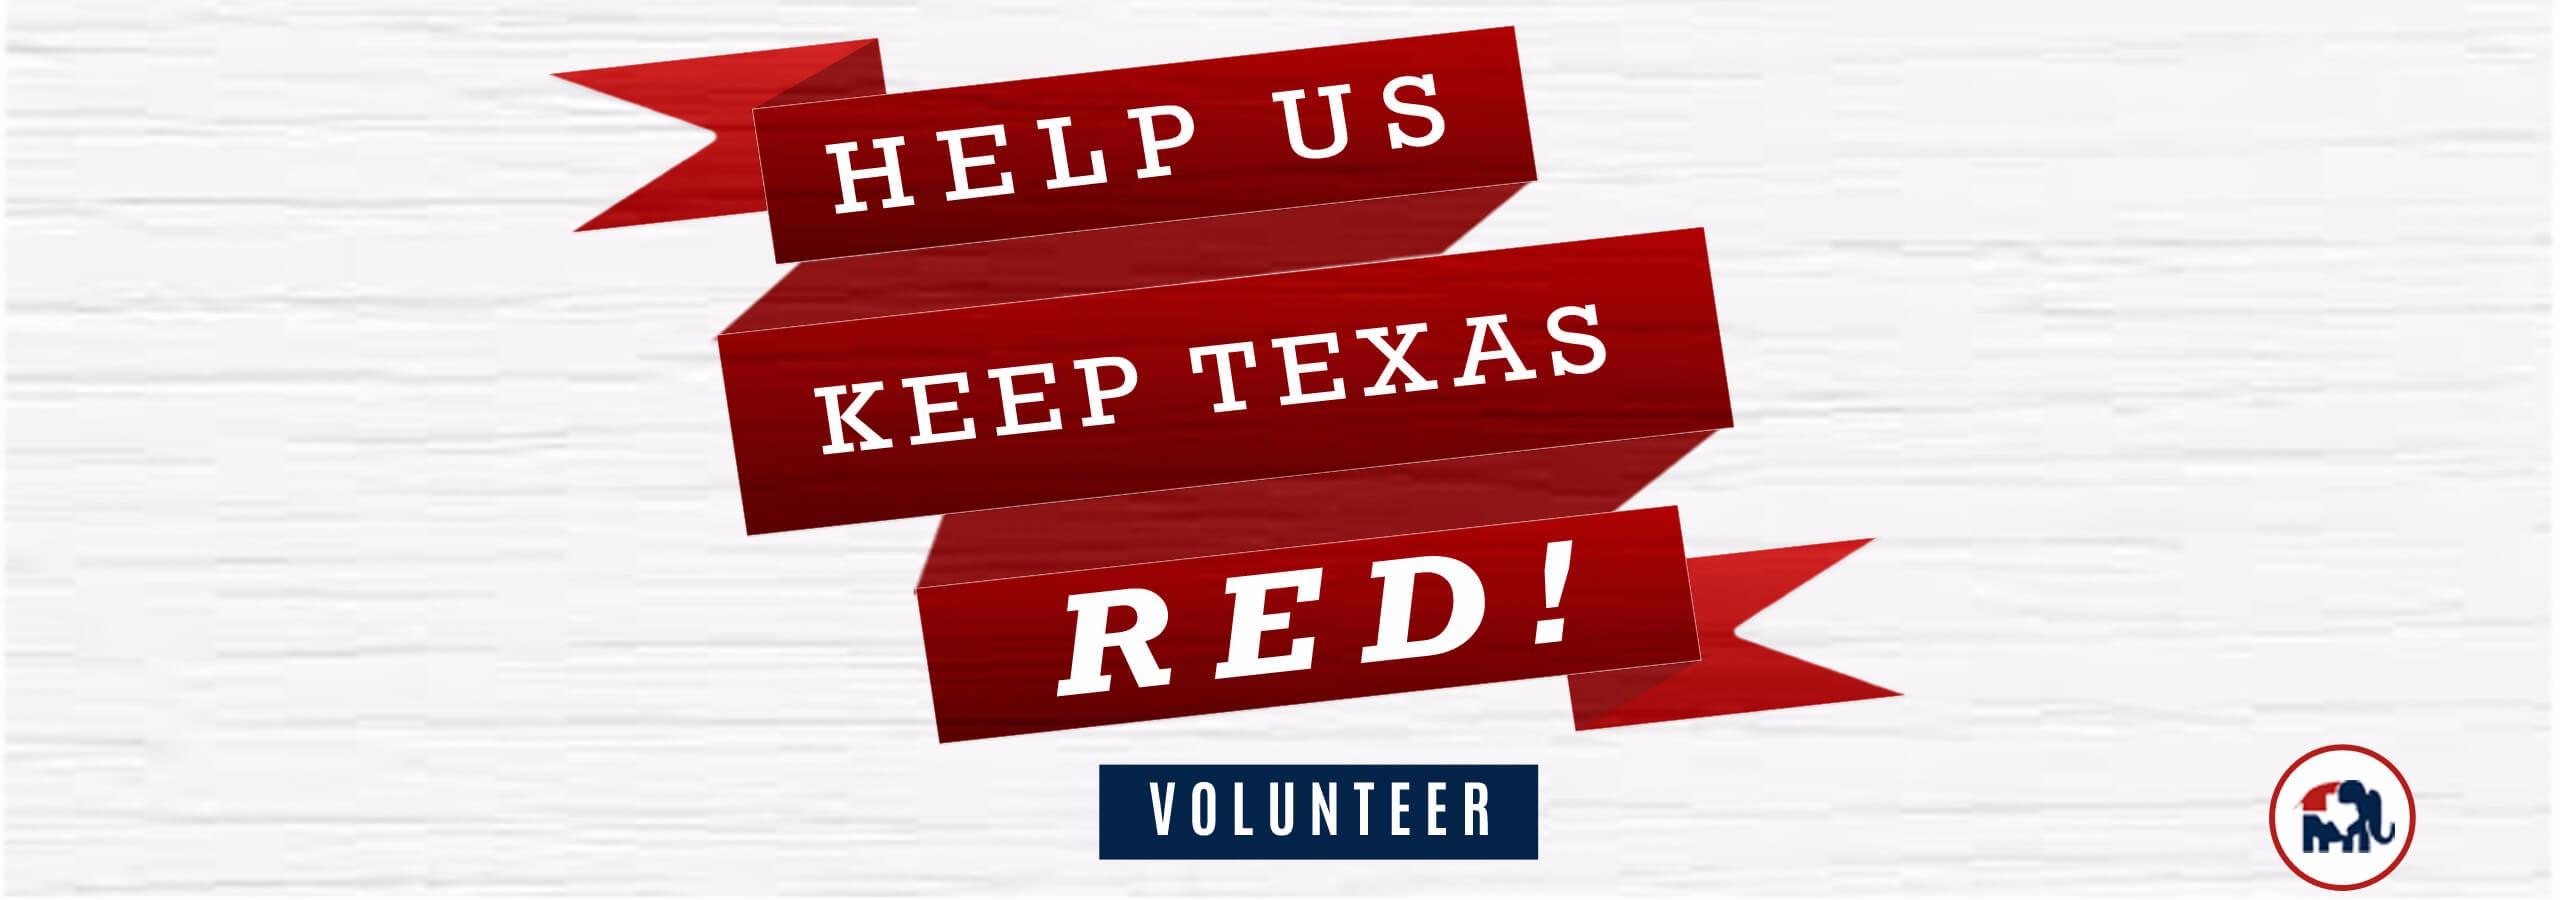 Volunteer - Help Us Keep Texas Red